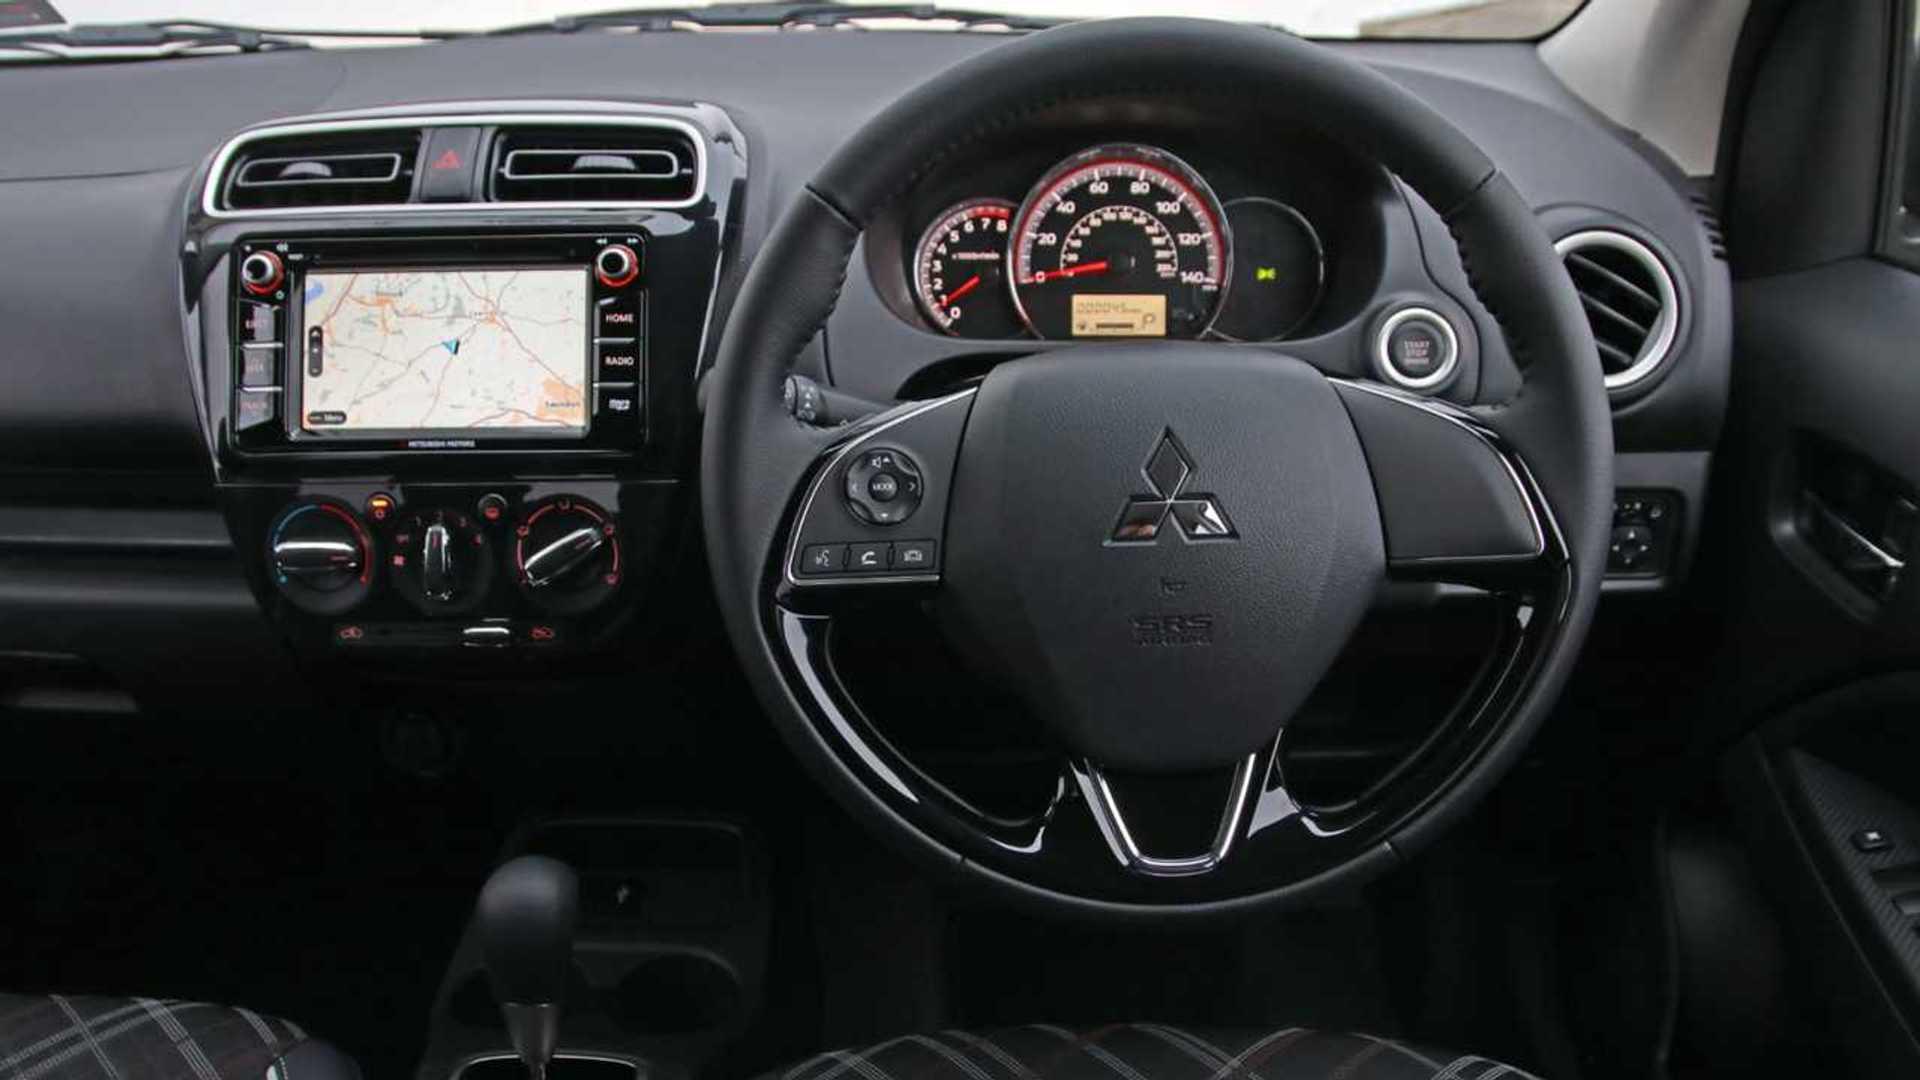 2020 Mitsubishi Mirage Arrives Bearing 10 550 Price Tag